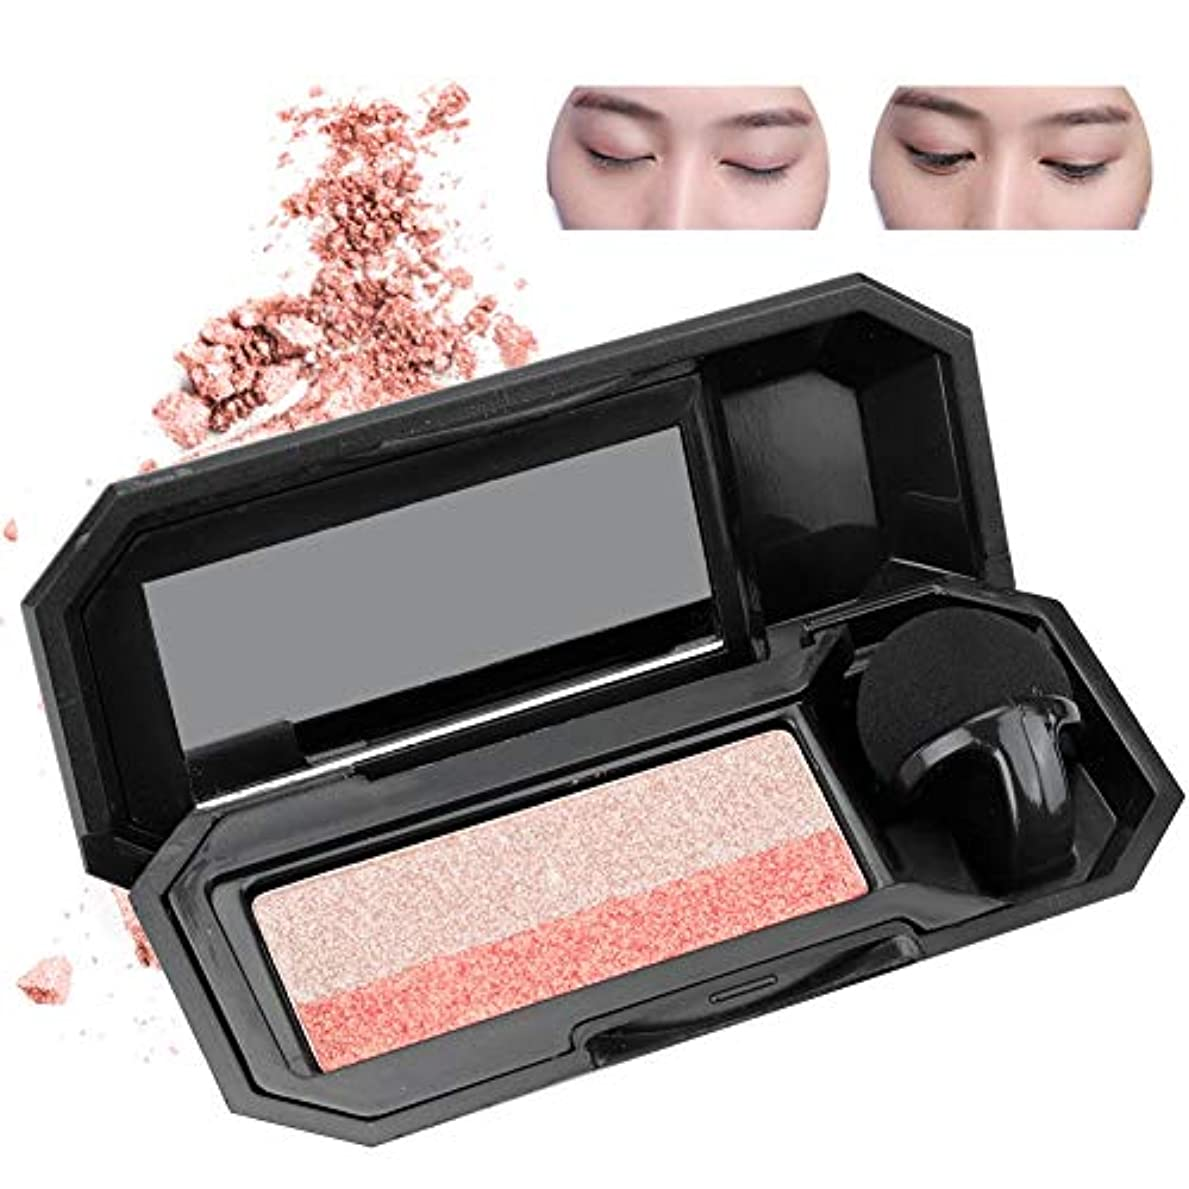 粒子マイナー知り合いダブルカラーレイジーアイシャドウパレットアイシャドウ 化粧品ツール メイクアップ(2)